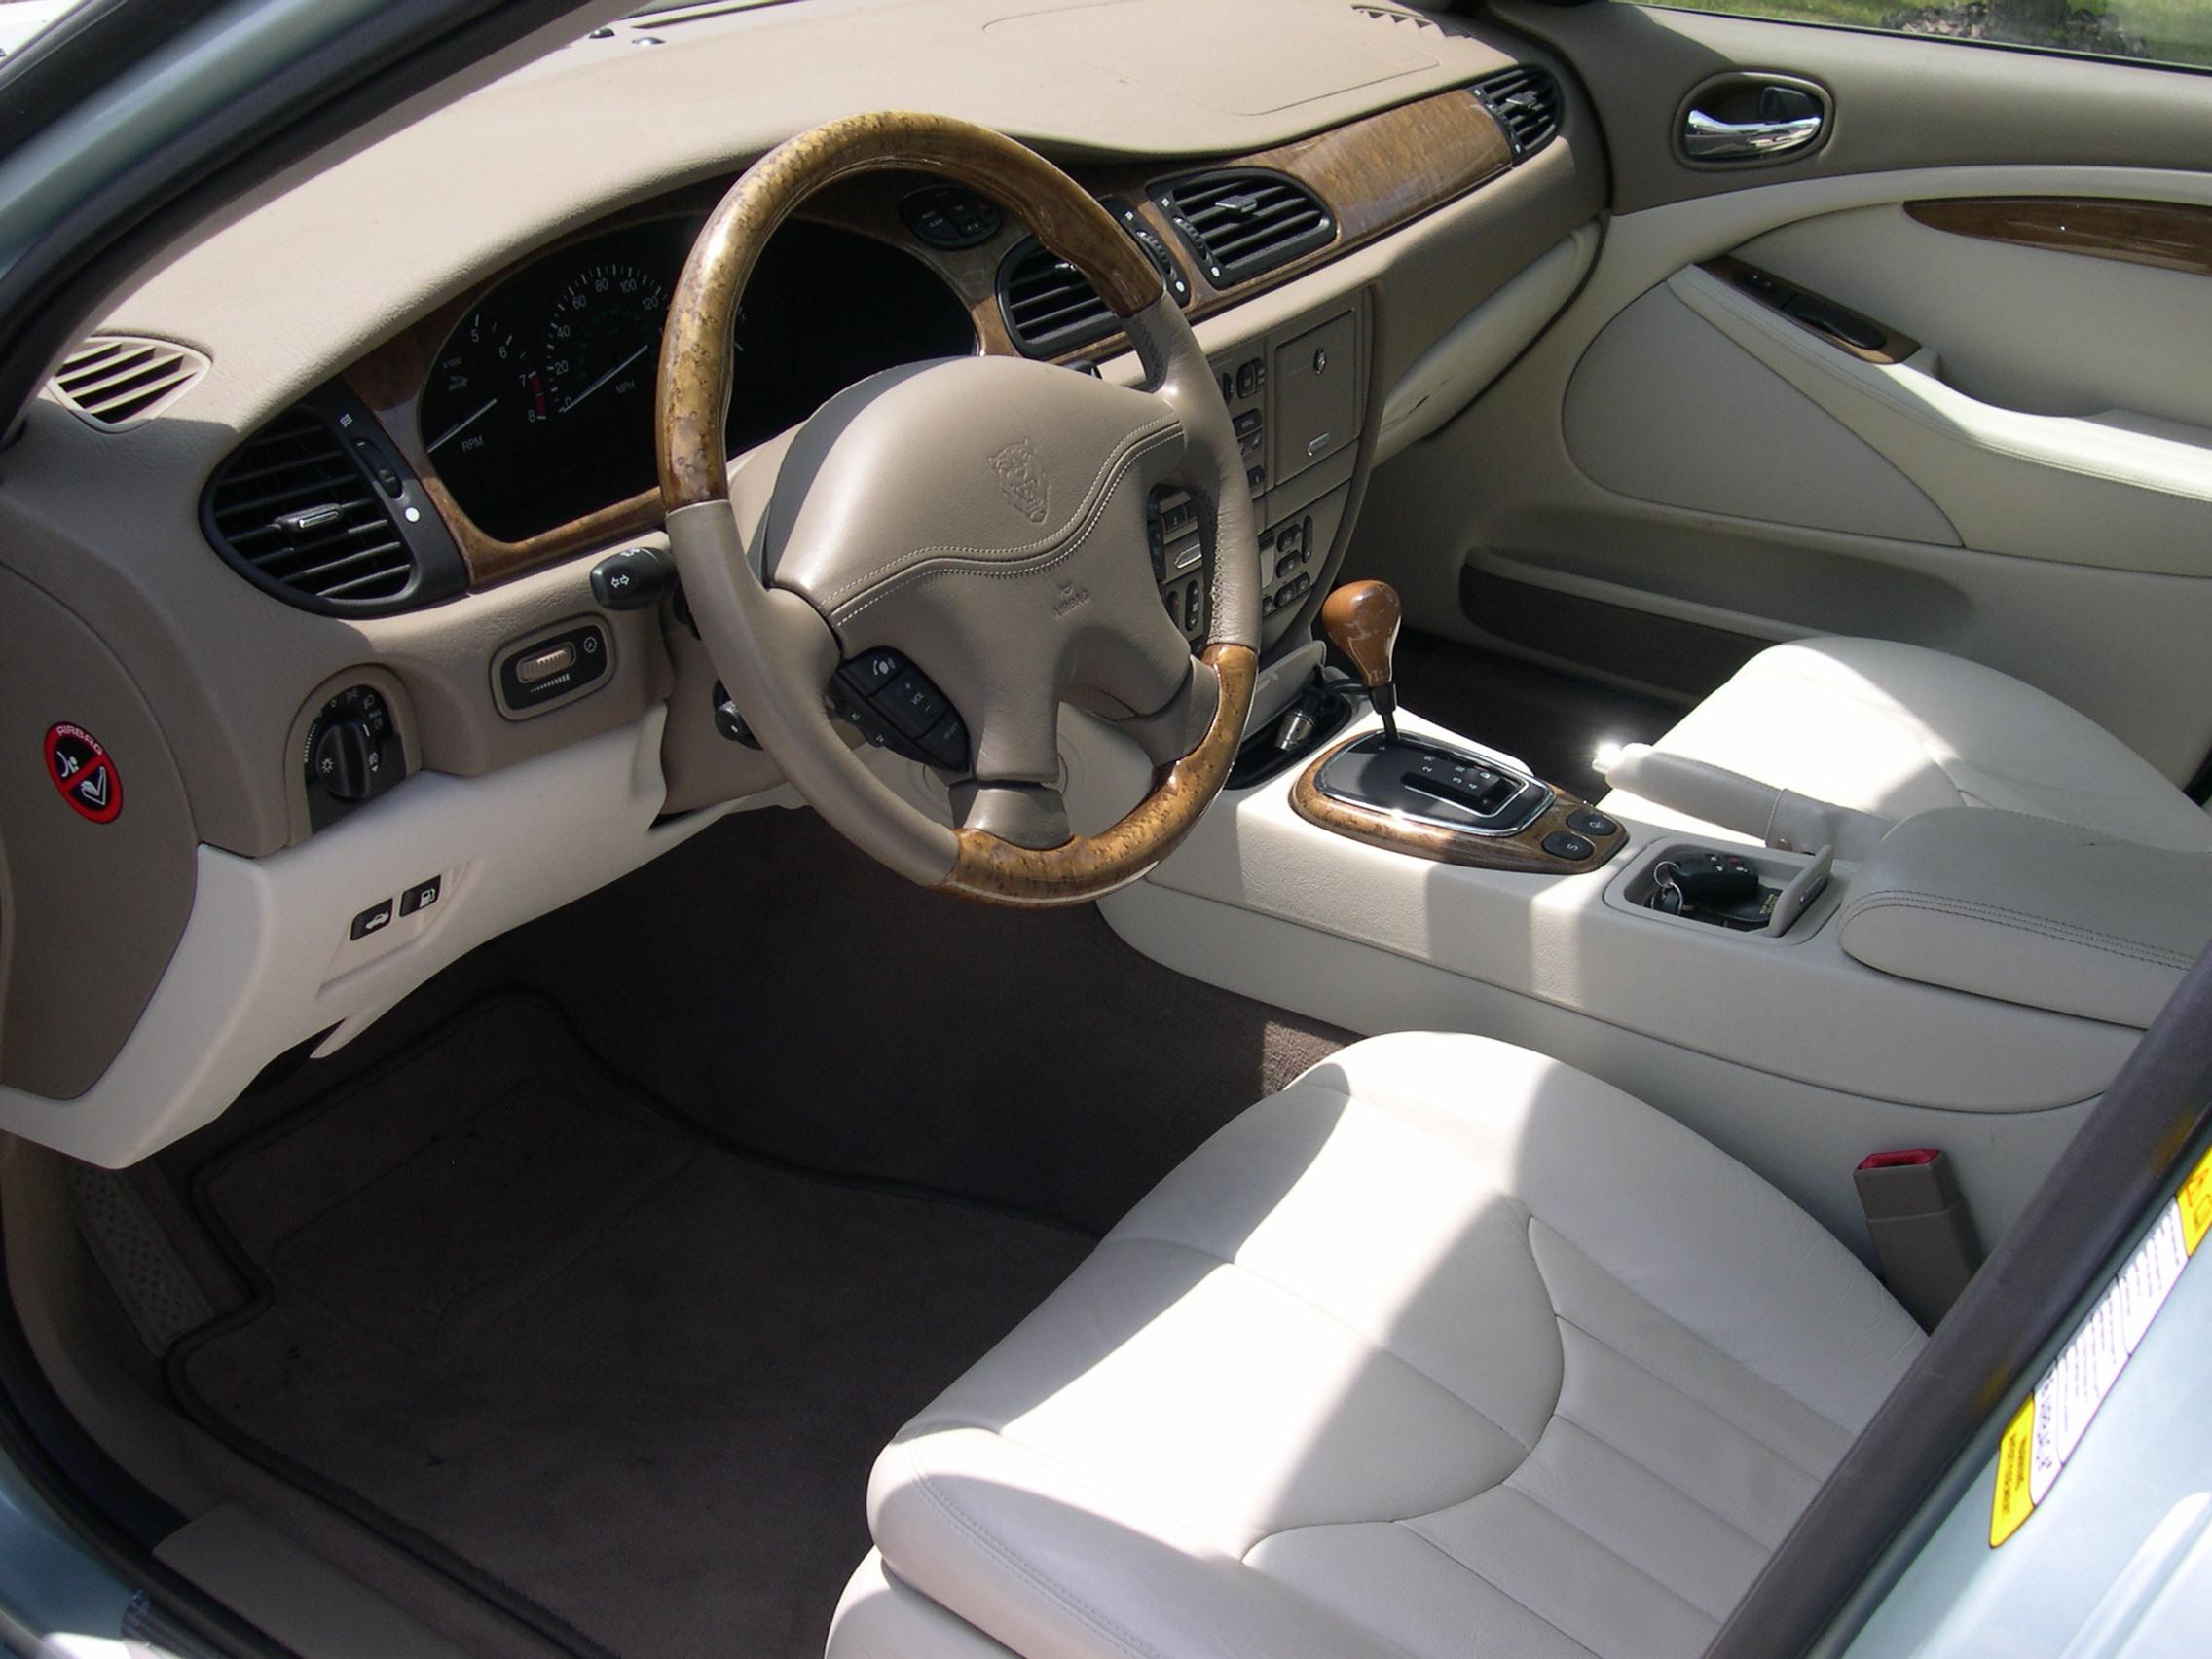 File:2001 Jaguar S Type Interior.JPG